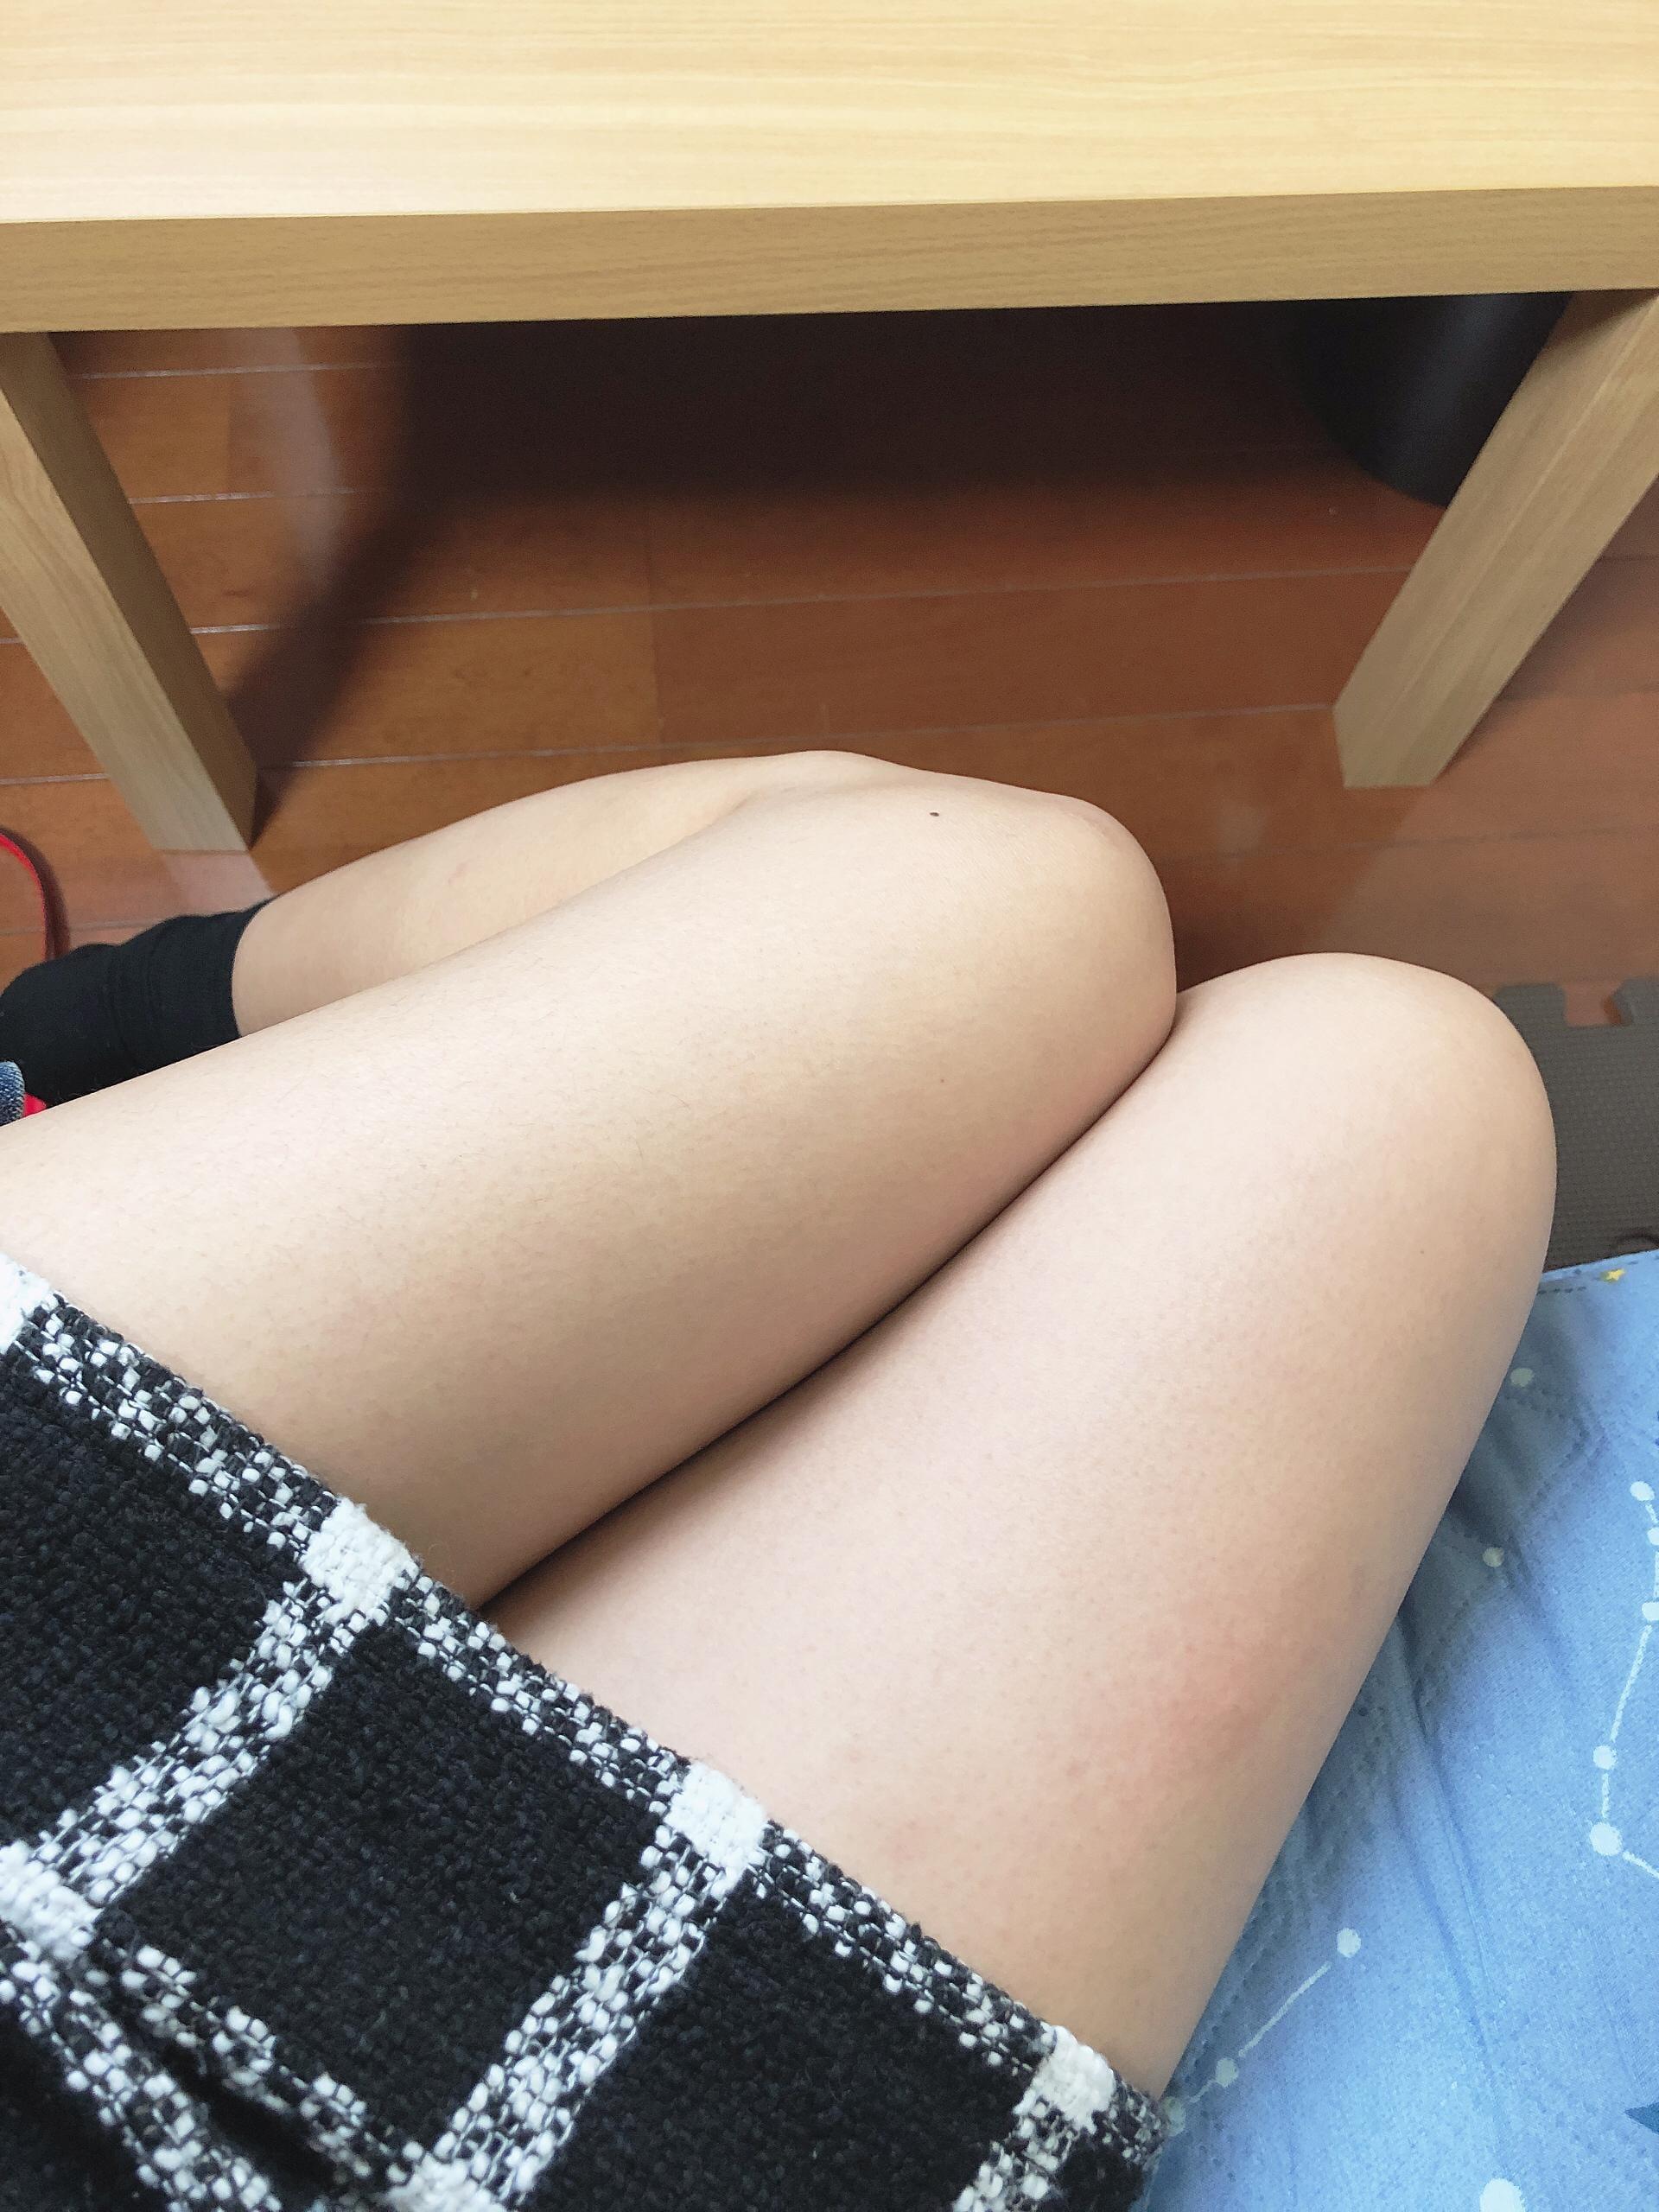 「おはようございます??」11/06(11/06) 11:37 | らむの写メ・風俗動画